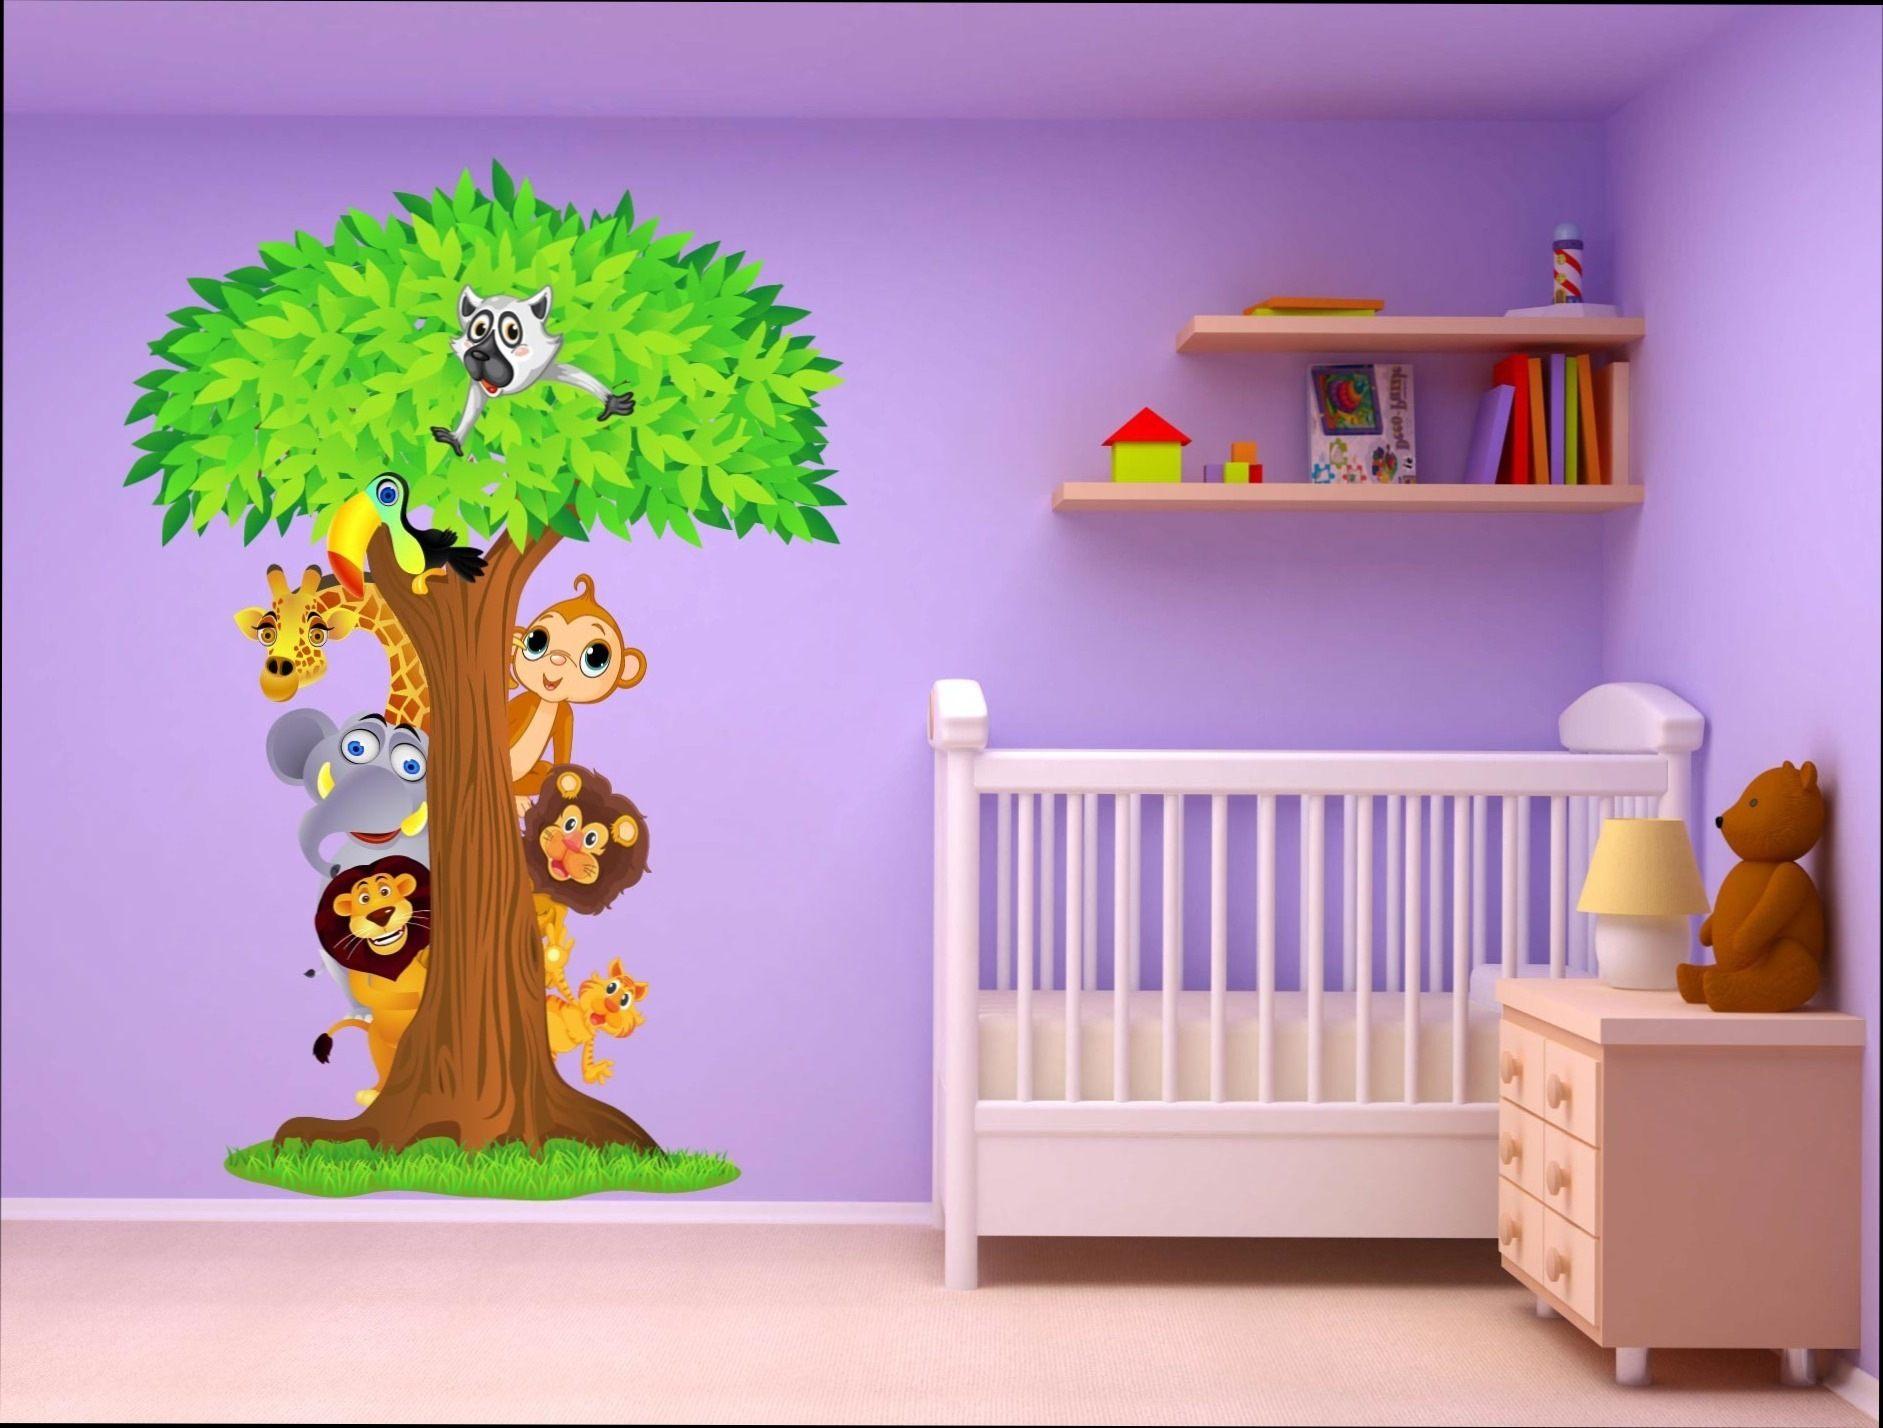 Lit Bébé Superposé Inspirant Stickers Muraux Chambre Bébé Bon Chambre B Fille Lit Cododo L Gant